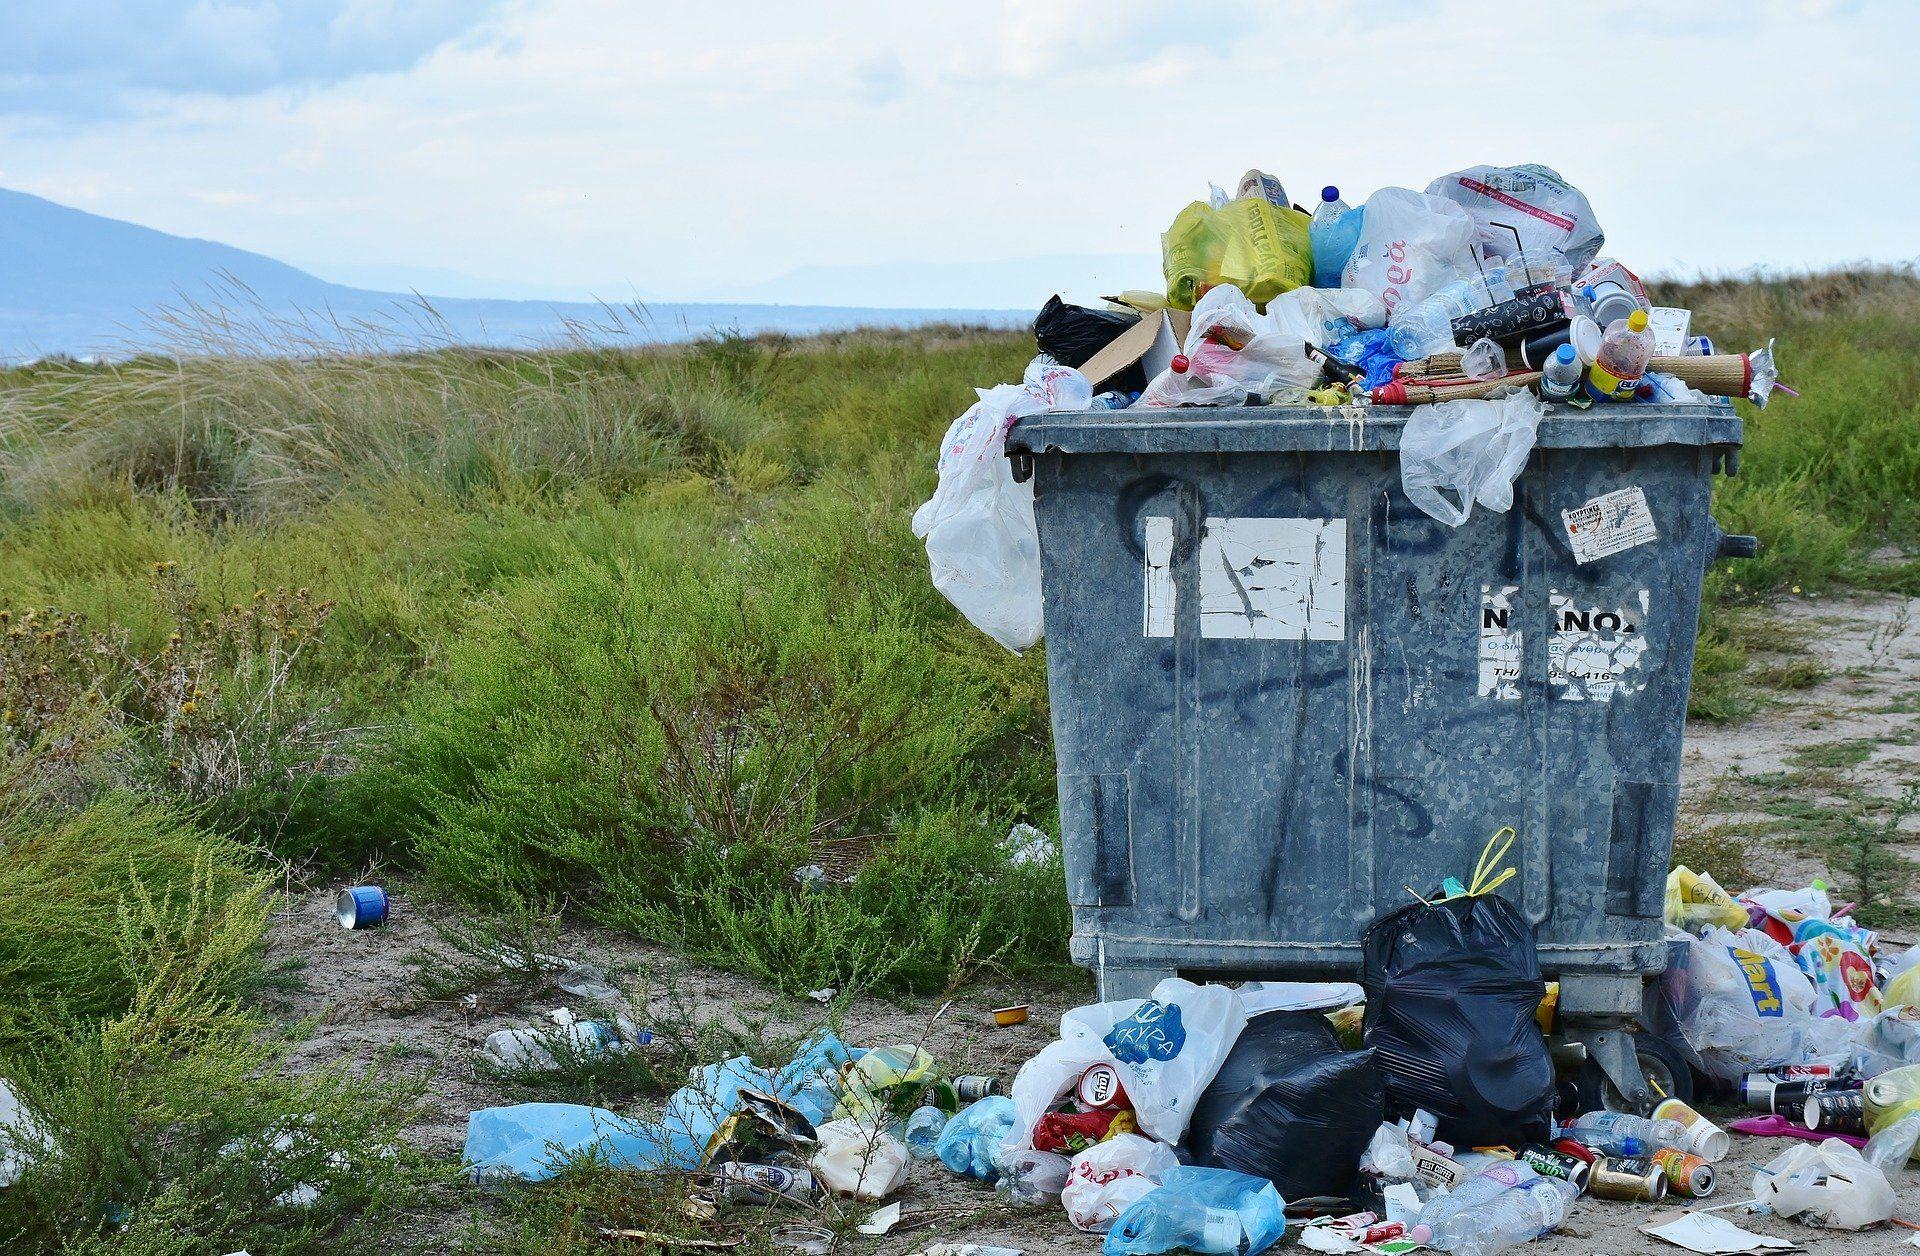 L'indice de réparabilité pour réduire ses déchets